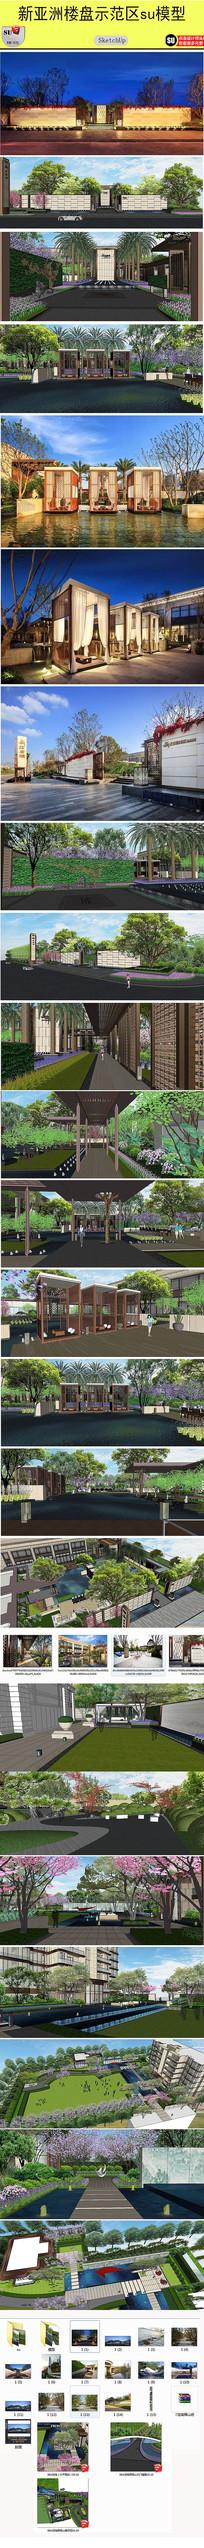 楼盘示范区景观设计模型